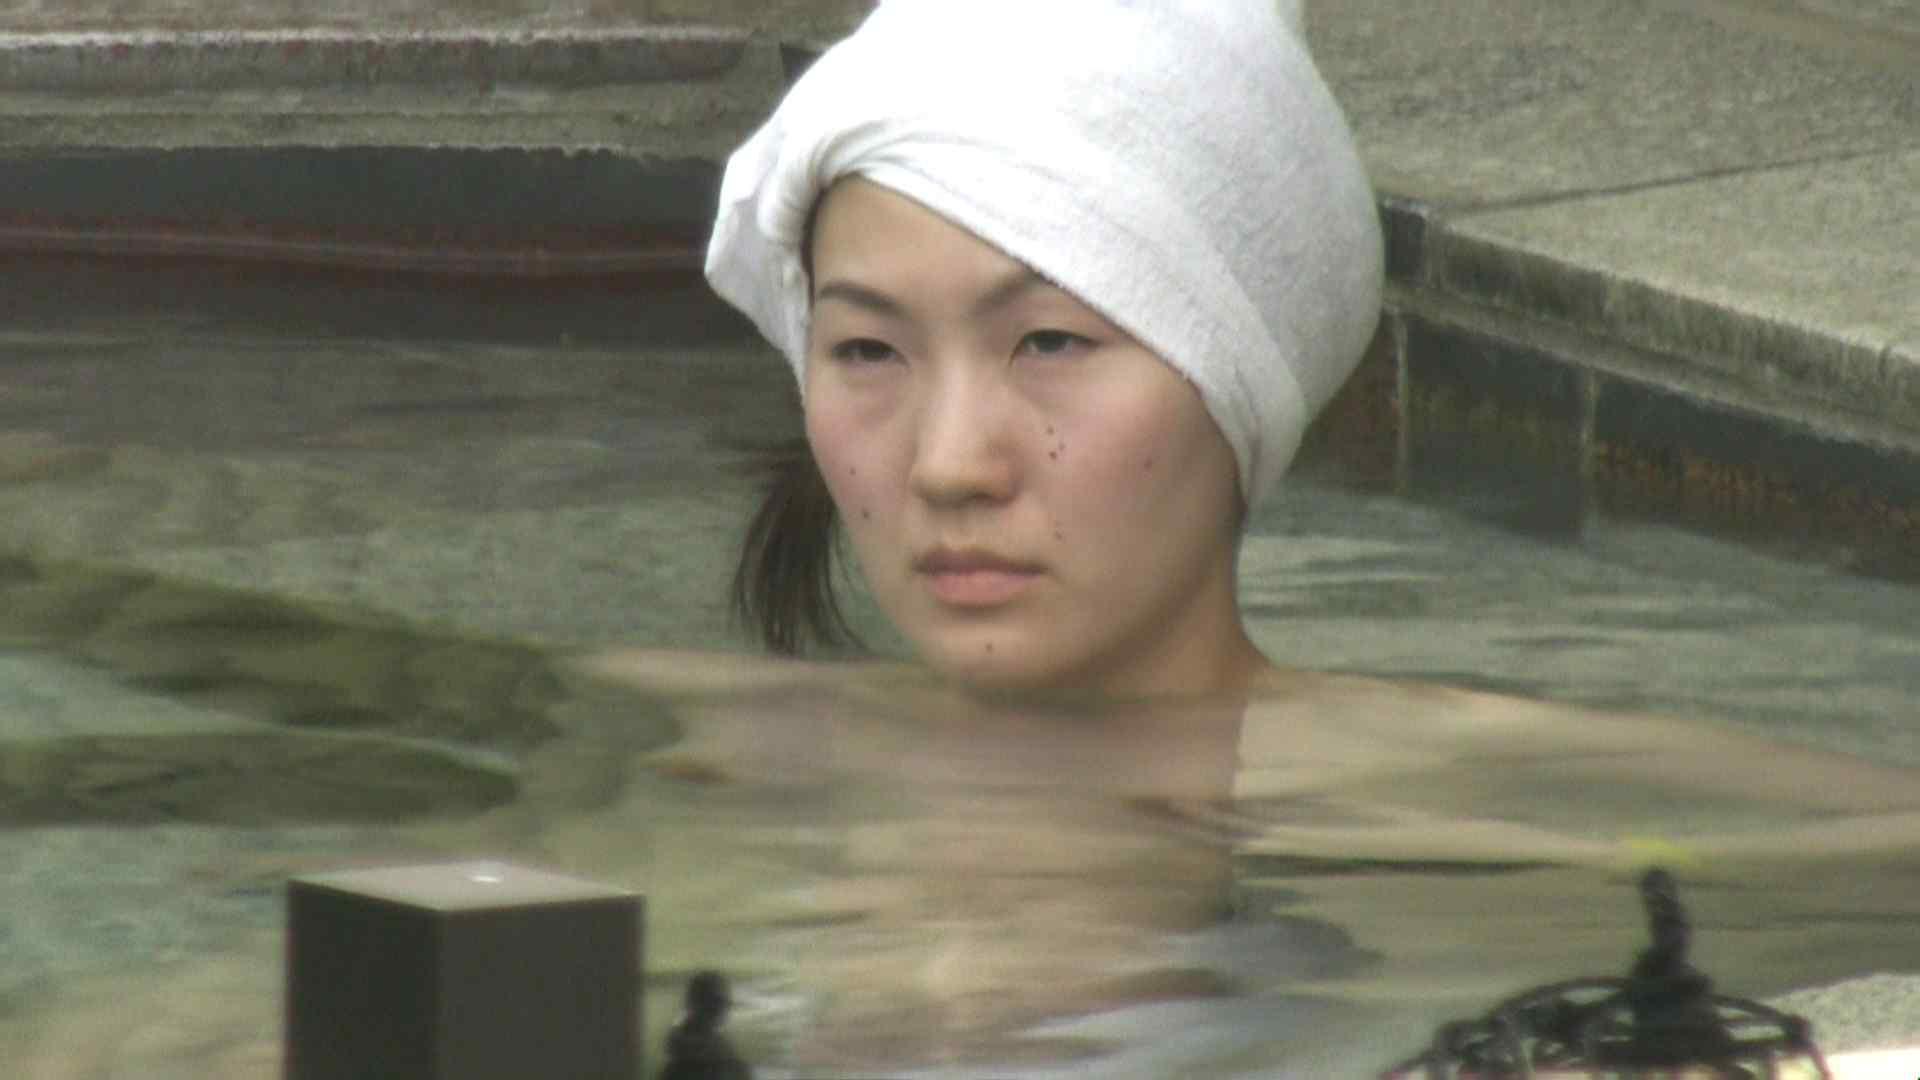 高画質露天女風呂観察 vol.034 高画質 | 乙女のエロ動画  103PIX 49